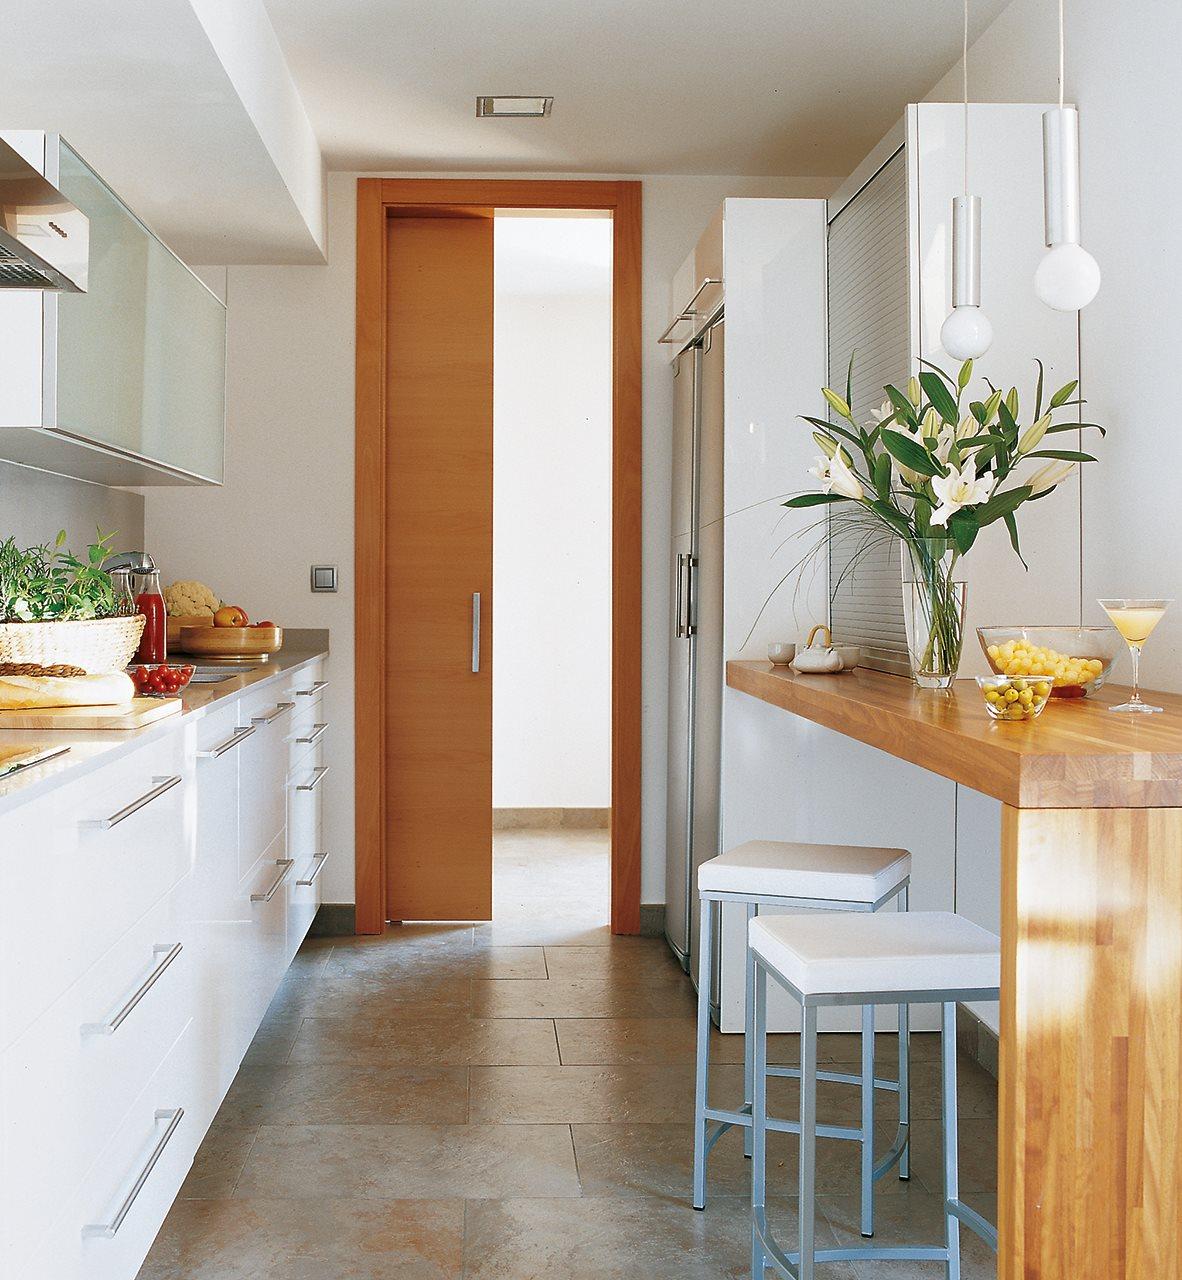 Los 9 mejores dise os de cocinas office - Aprovechar cocinas pequenas ...